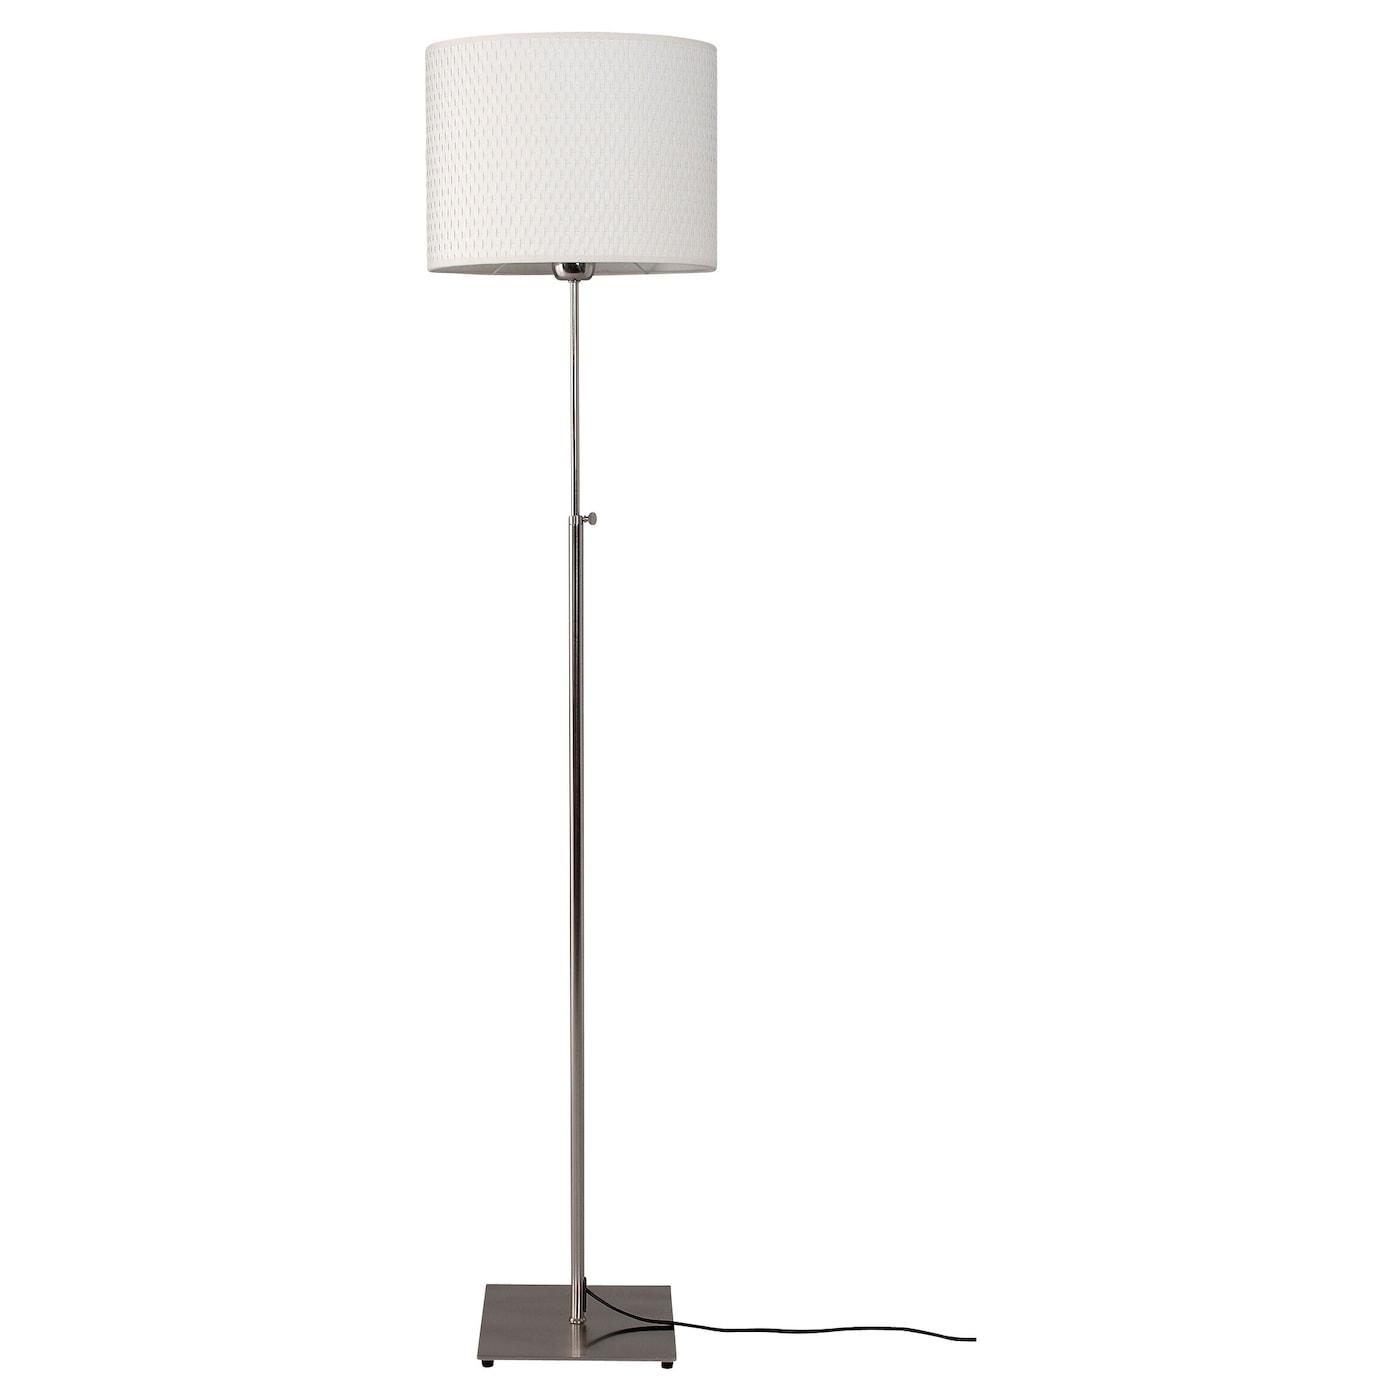 Beleuchtung Innenraum Lampen Innenraum Beleuchtung Ikea Alang